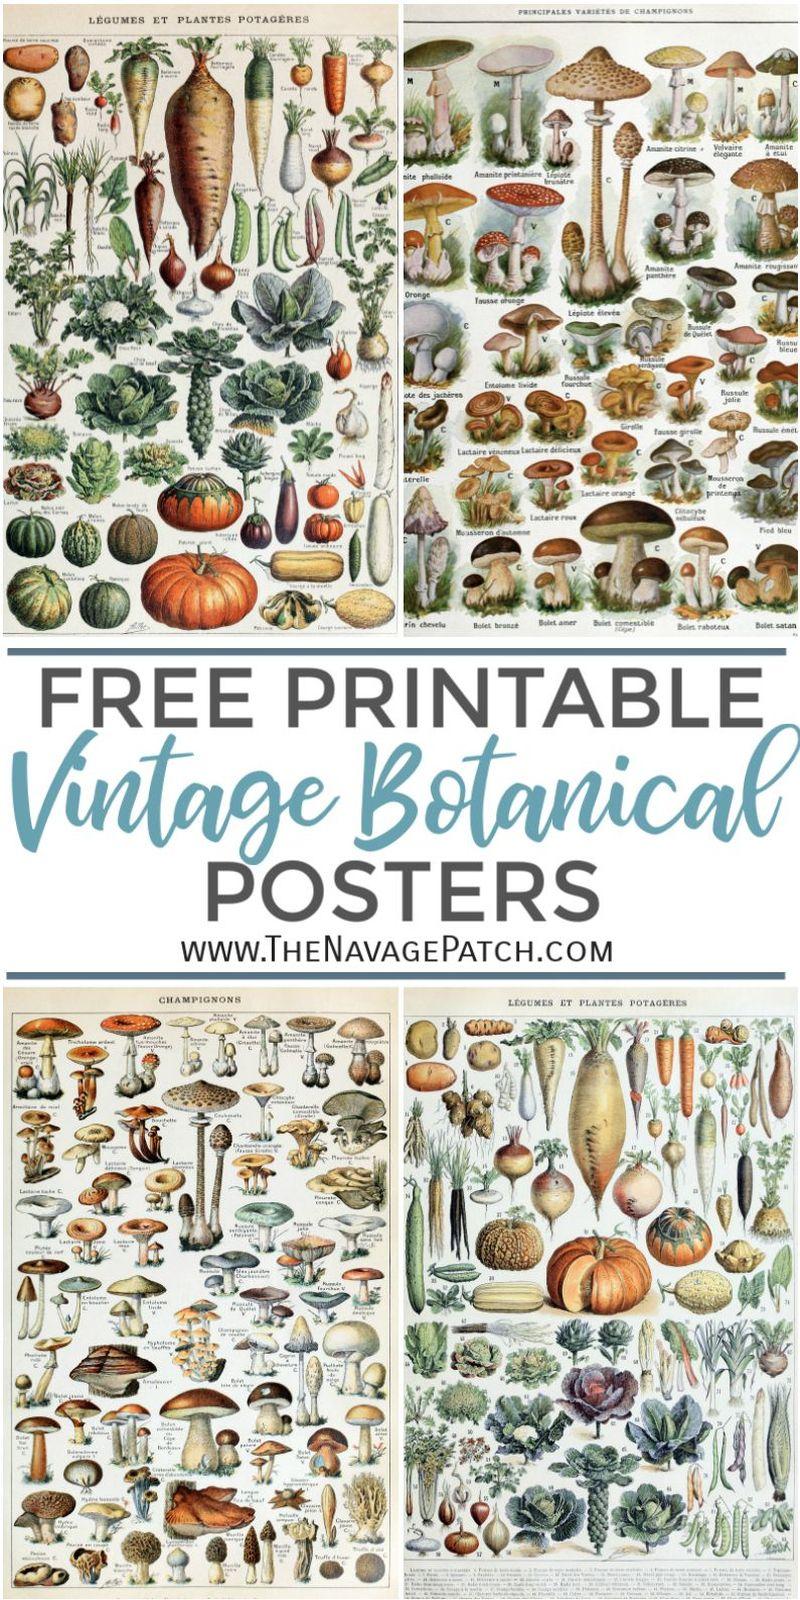 Amazing Free Vintage Botanical Prints In 2020 Botanical Prints Free Vintage Botanical Prints Botanical Illustration Vintage